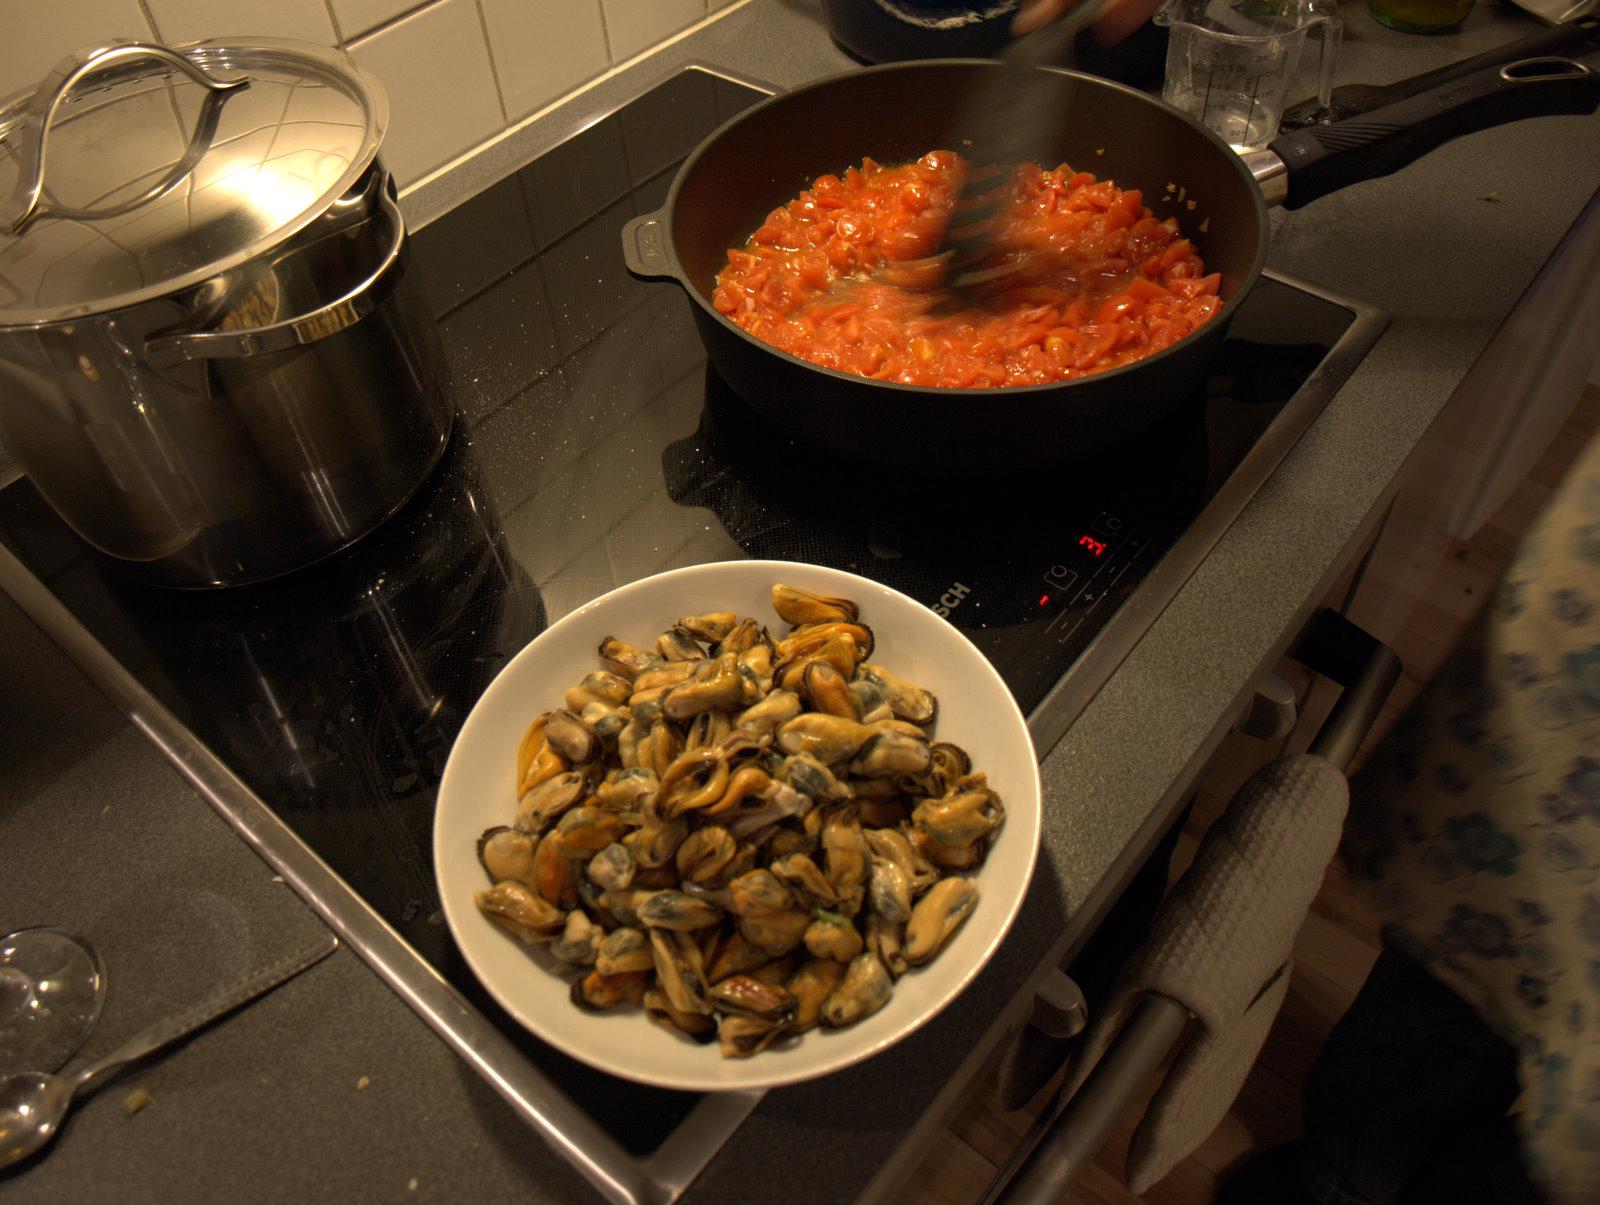 Tomatsaucen laves. Her er alle muslinger pillet ud af deres skaller.